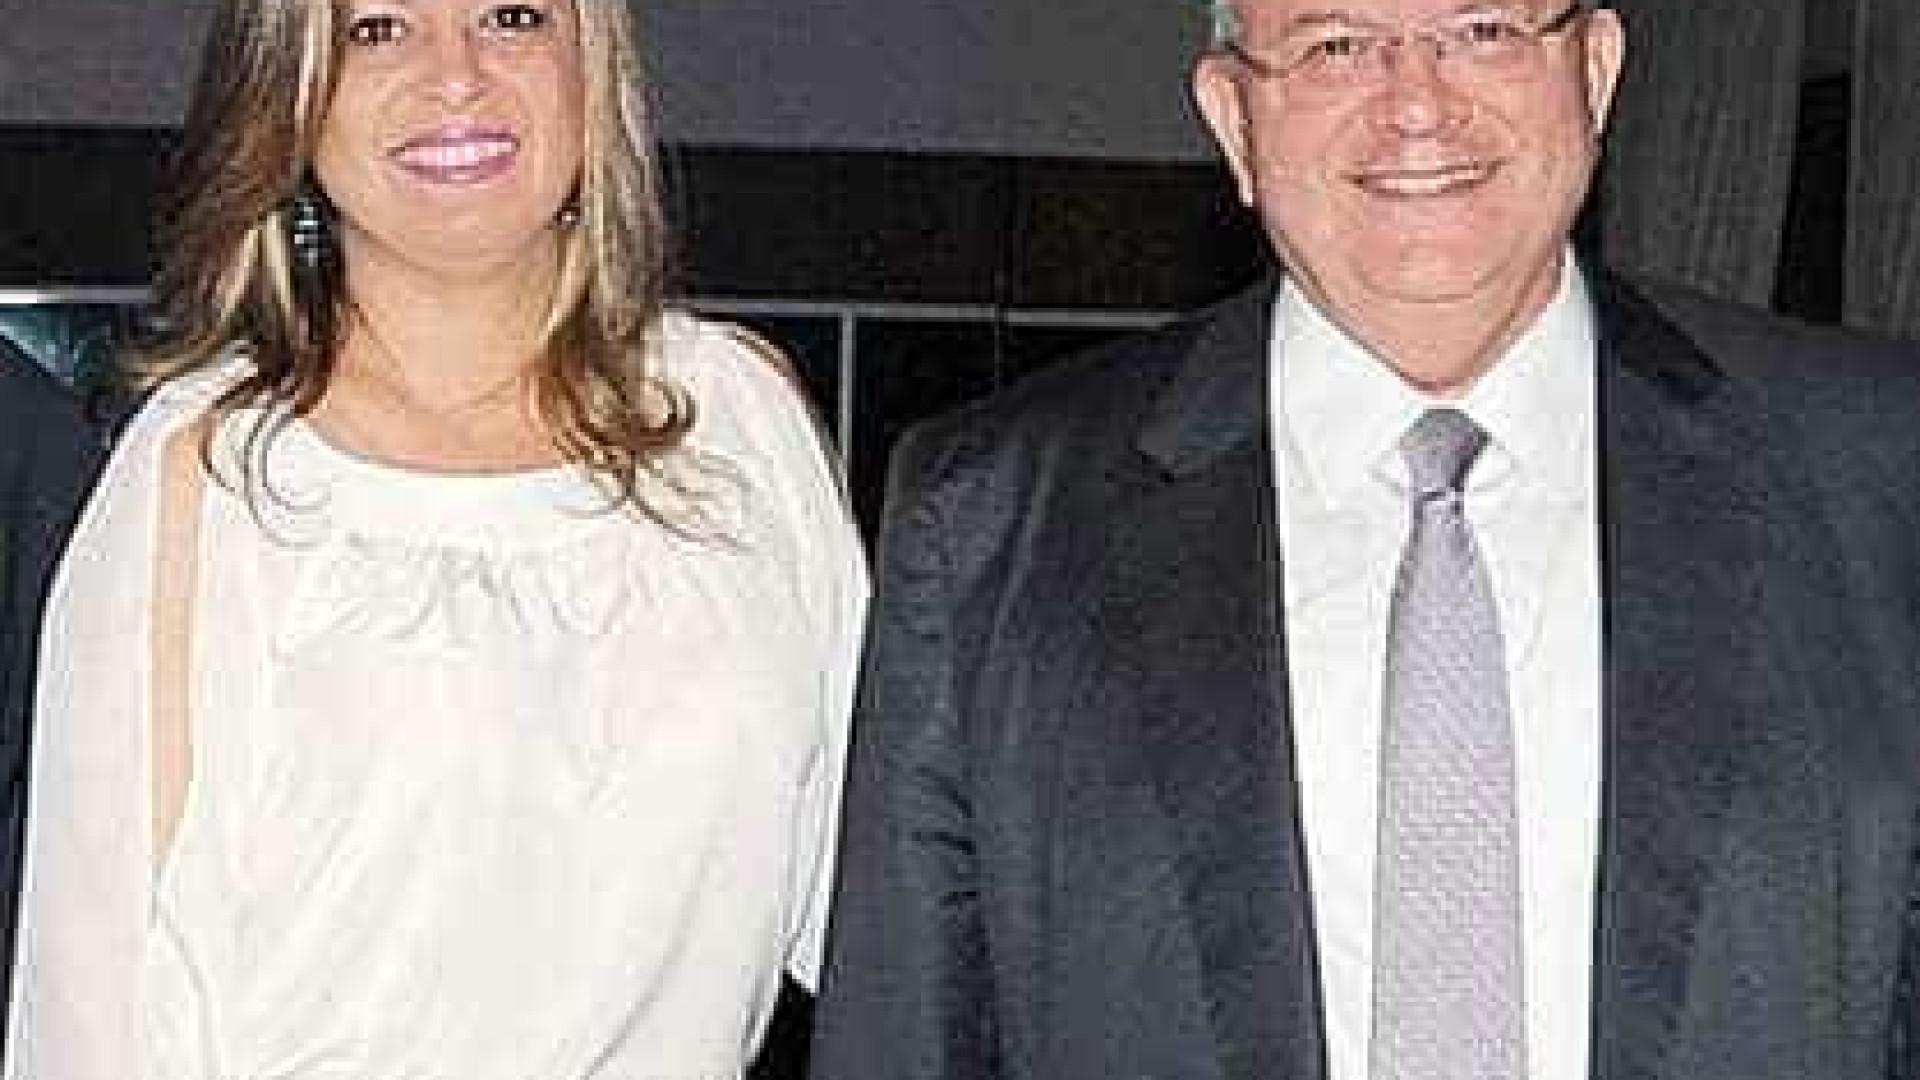 Mulher de embaixador teria oferecido R$ 80 mil para matar marido